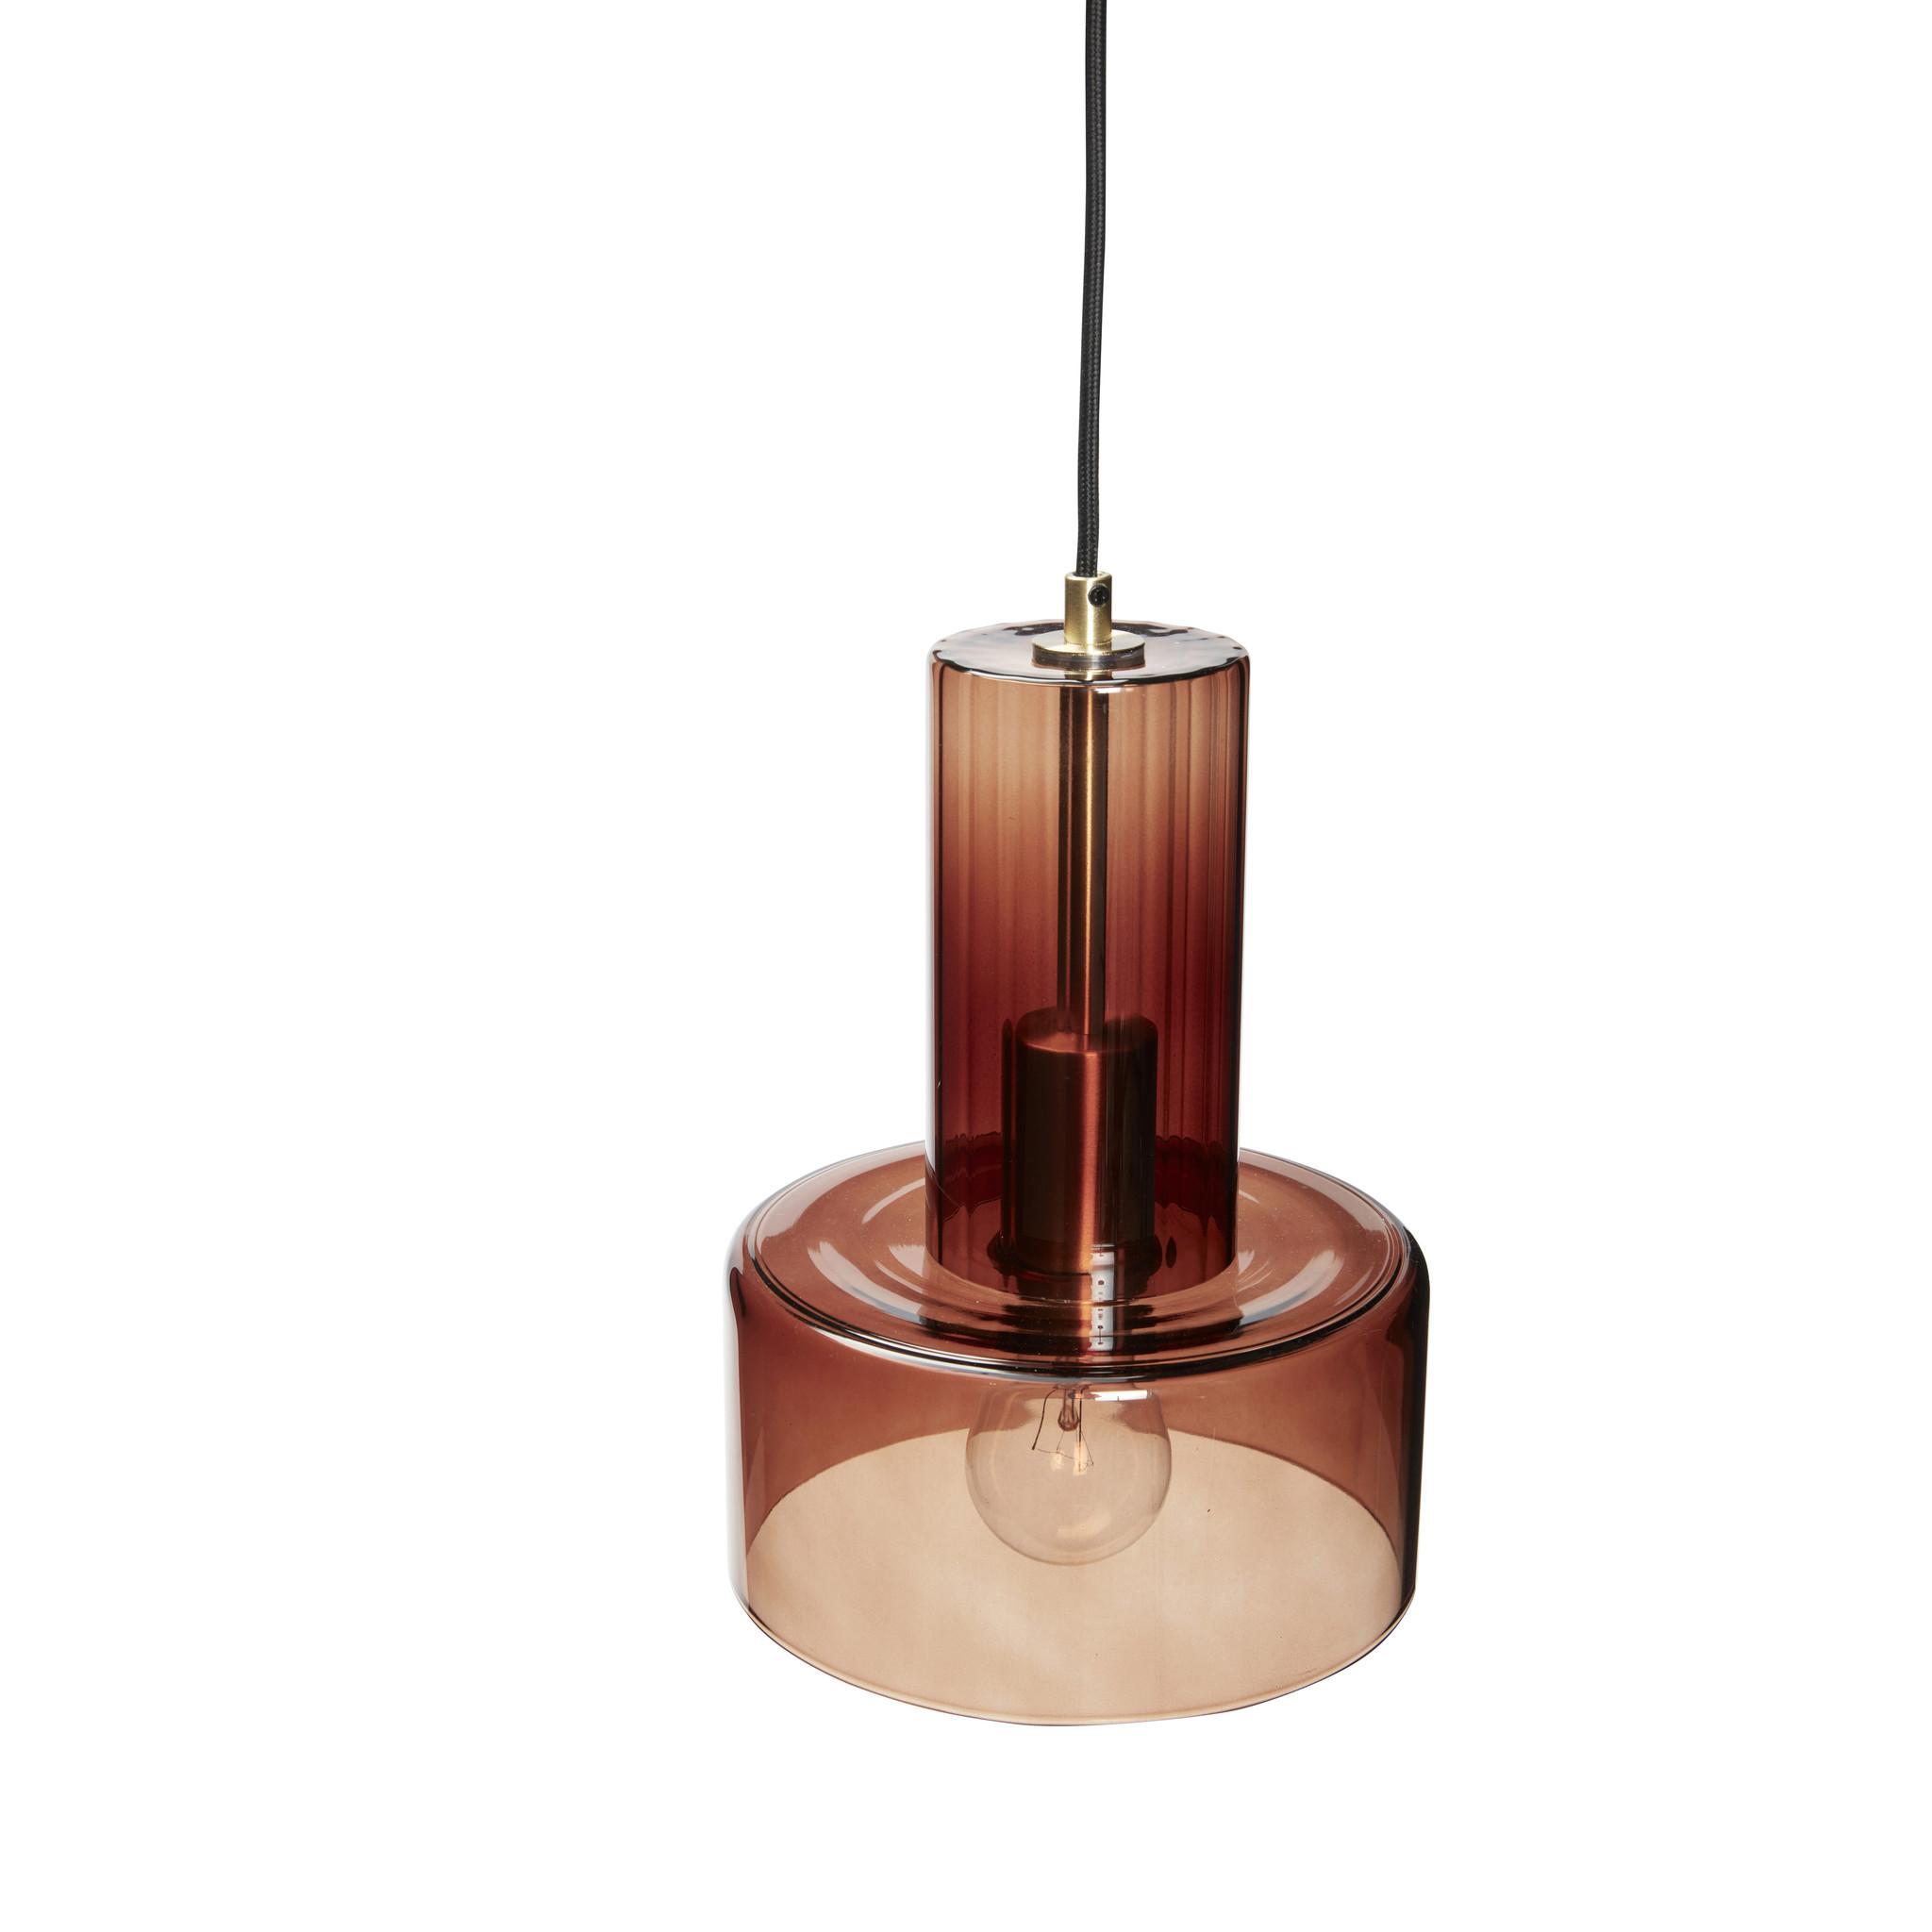 Hubsch Hanglamp bruin glas-991303-5712772111437